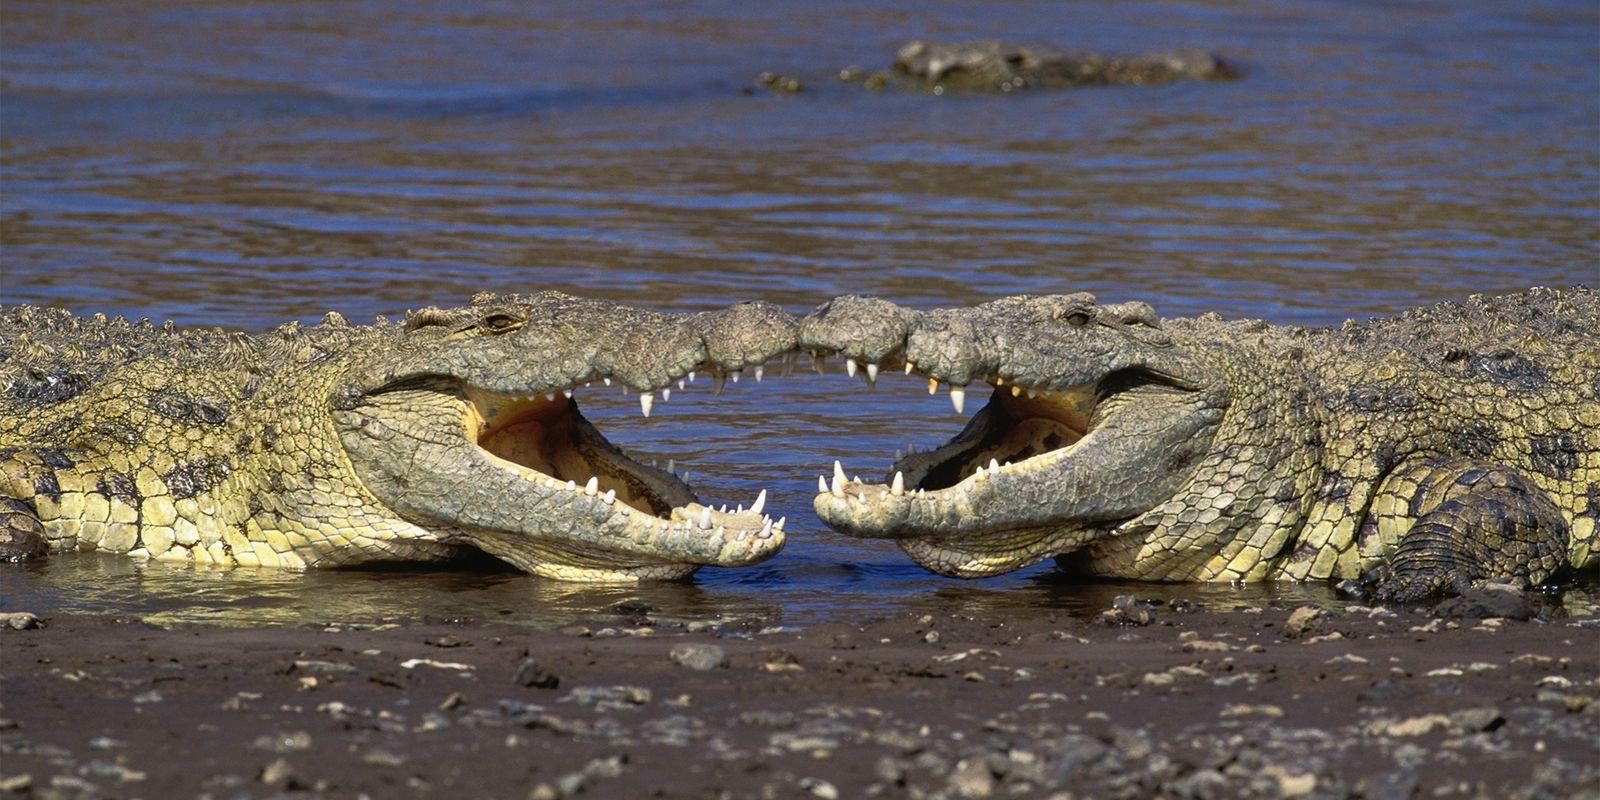 Wenn Krokodile spielen – Warum haben Tiere Spaß?